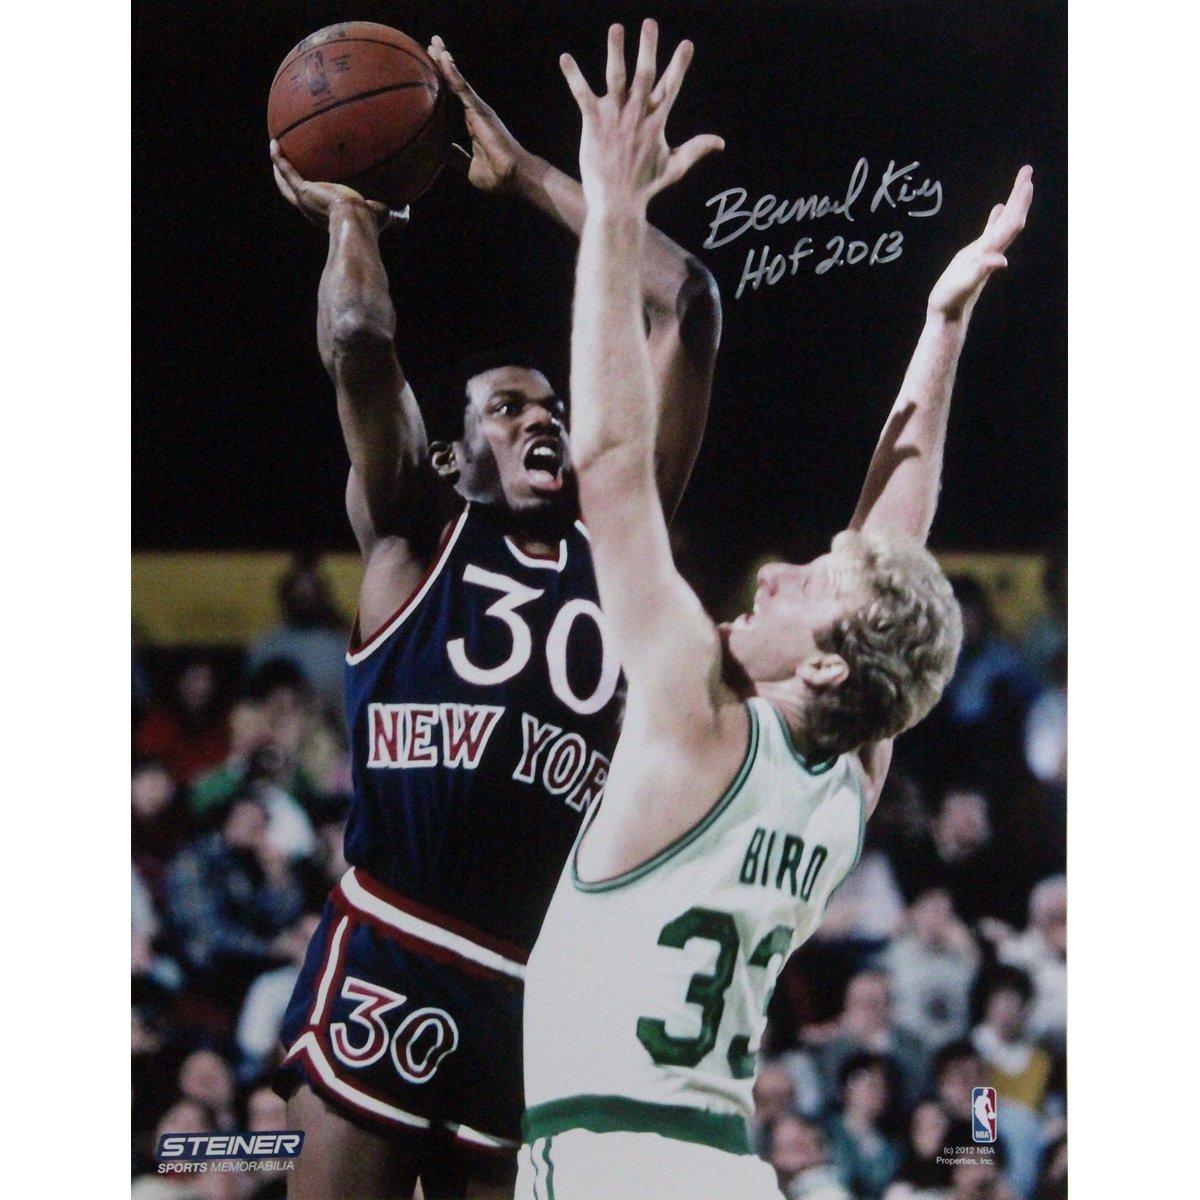 NBA New York Knicks Bernard King署名Jumper Over鳥写真 8x10-Inch  B00EWPNSYE